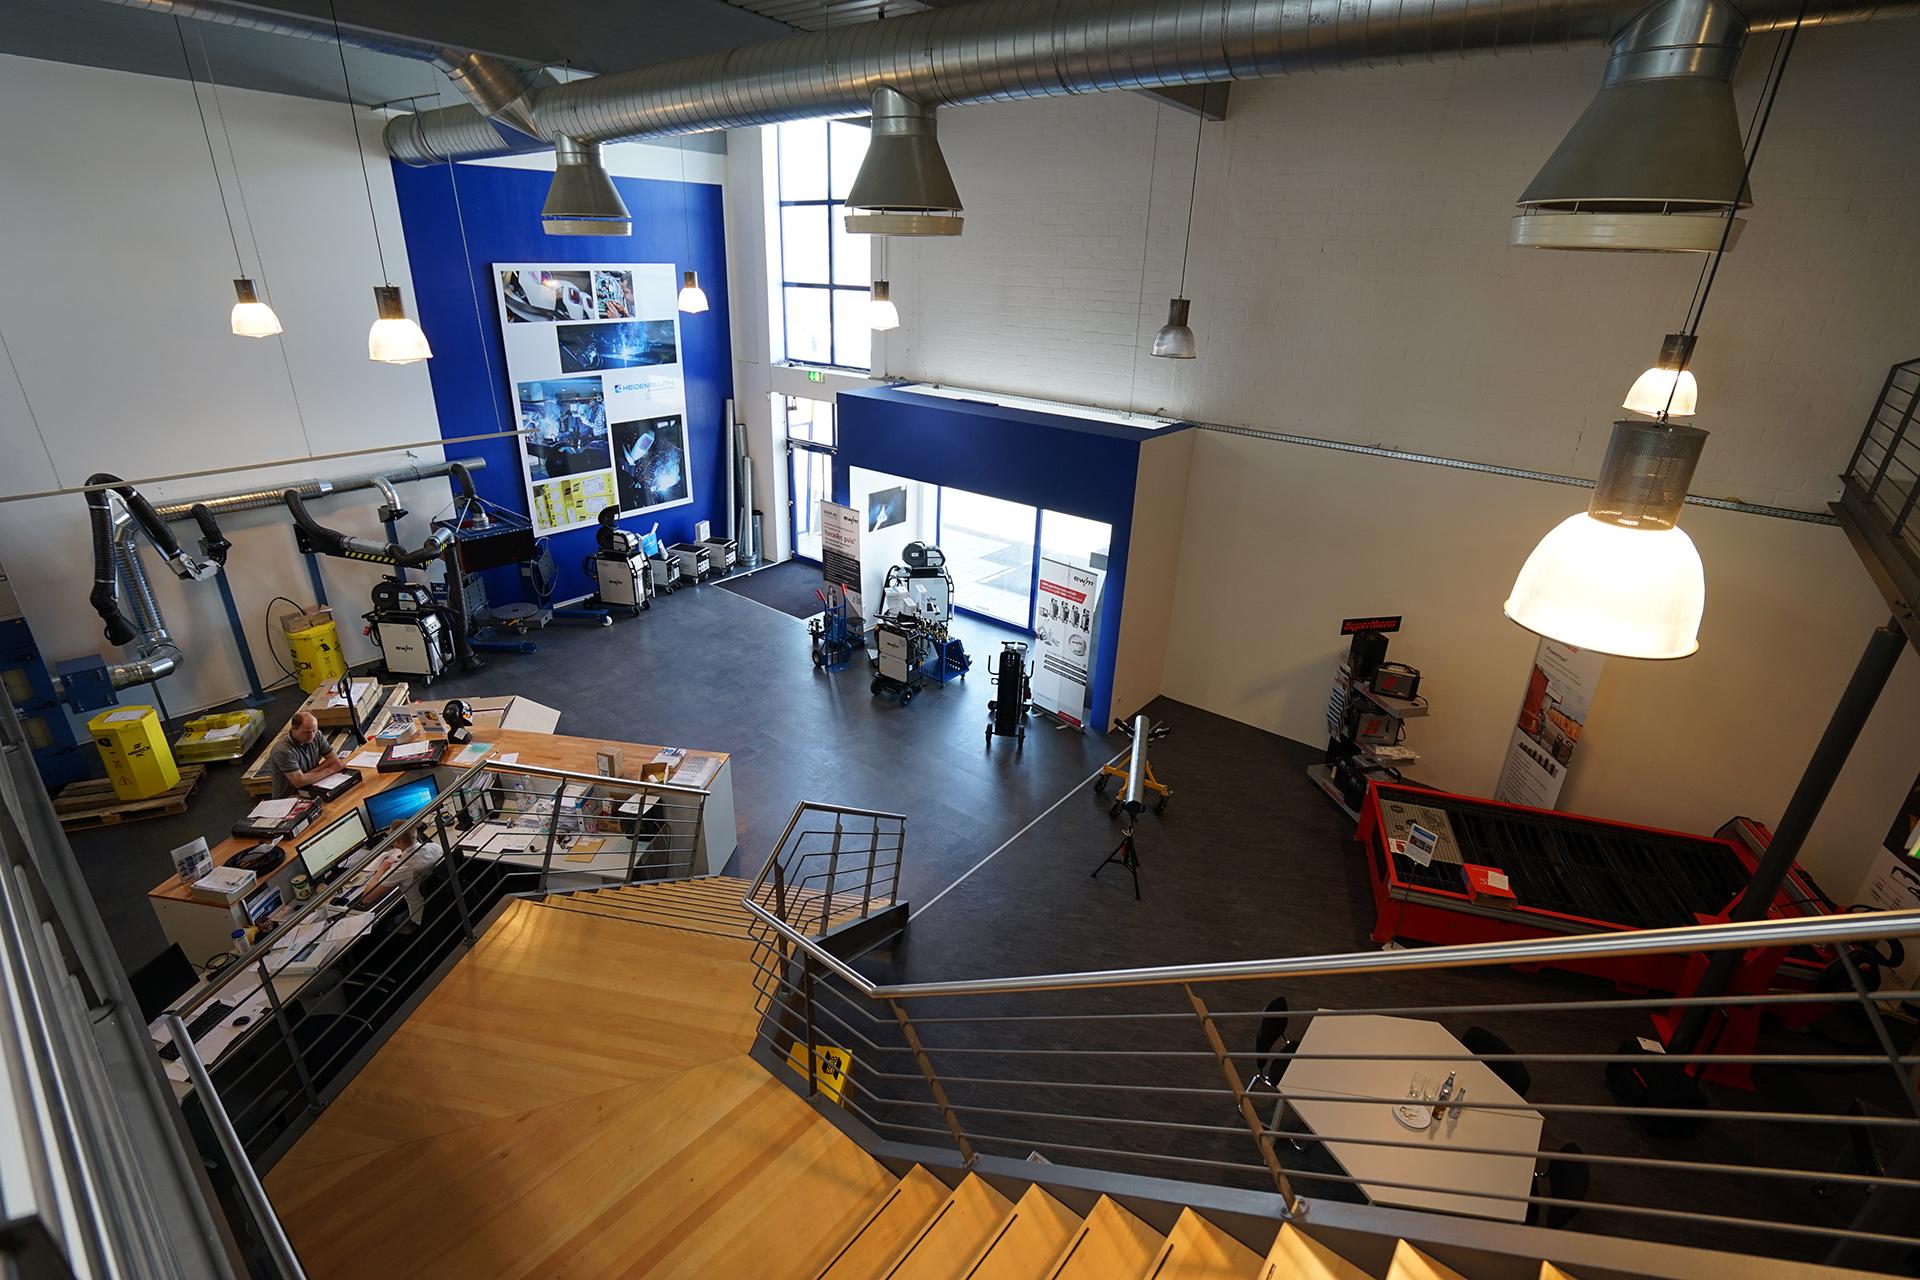 Gewerbeimmobilie in Lippstadt nach Umbau